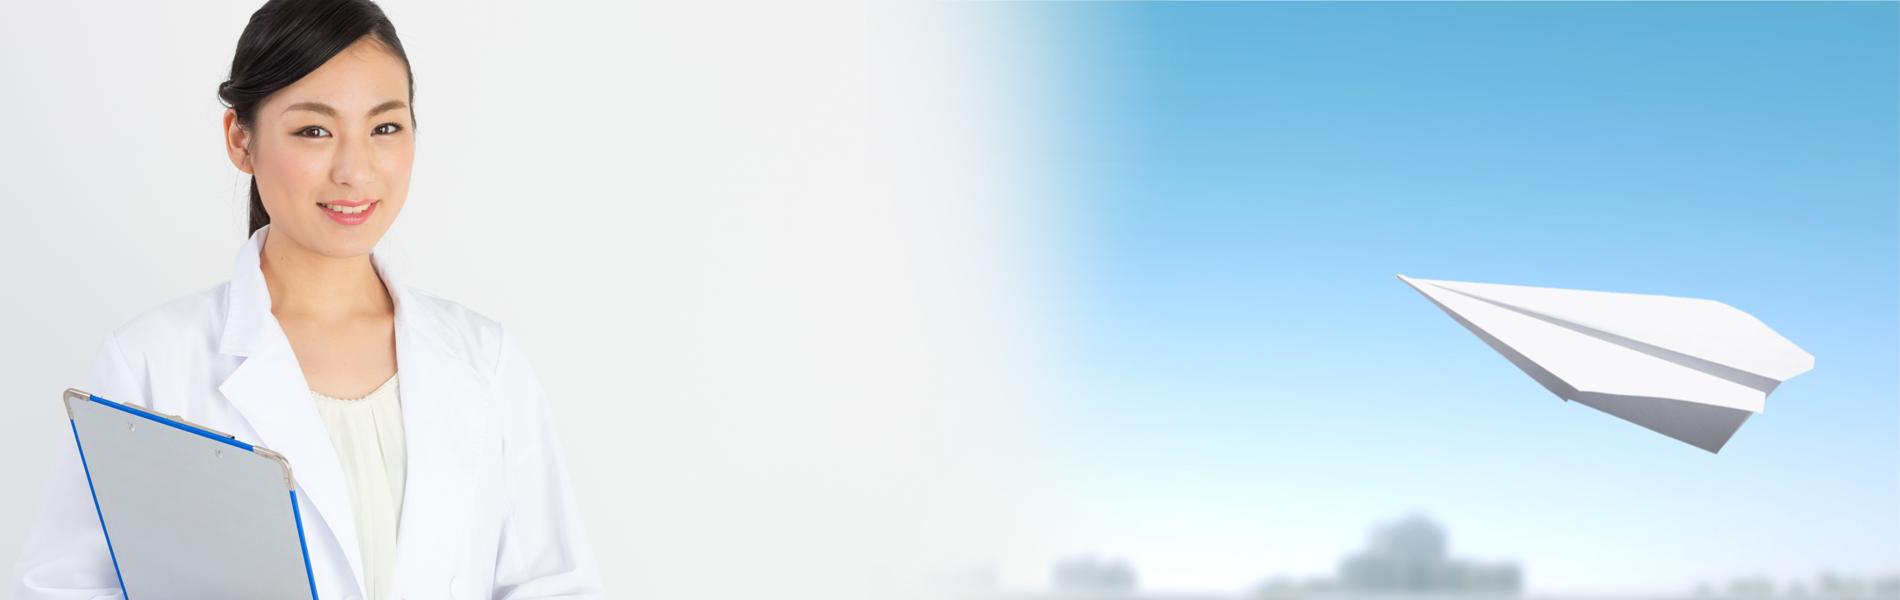 産業医紹介ネットトップ画像2